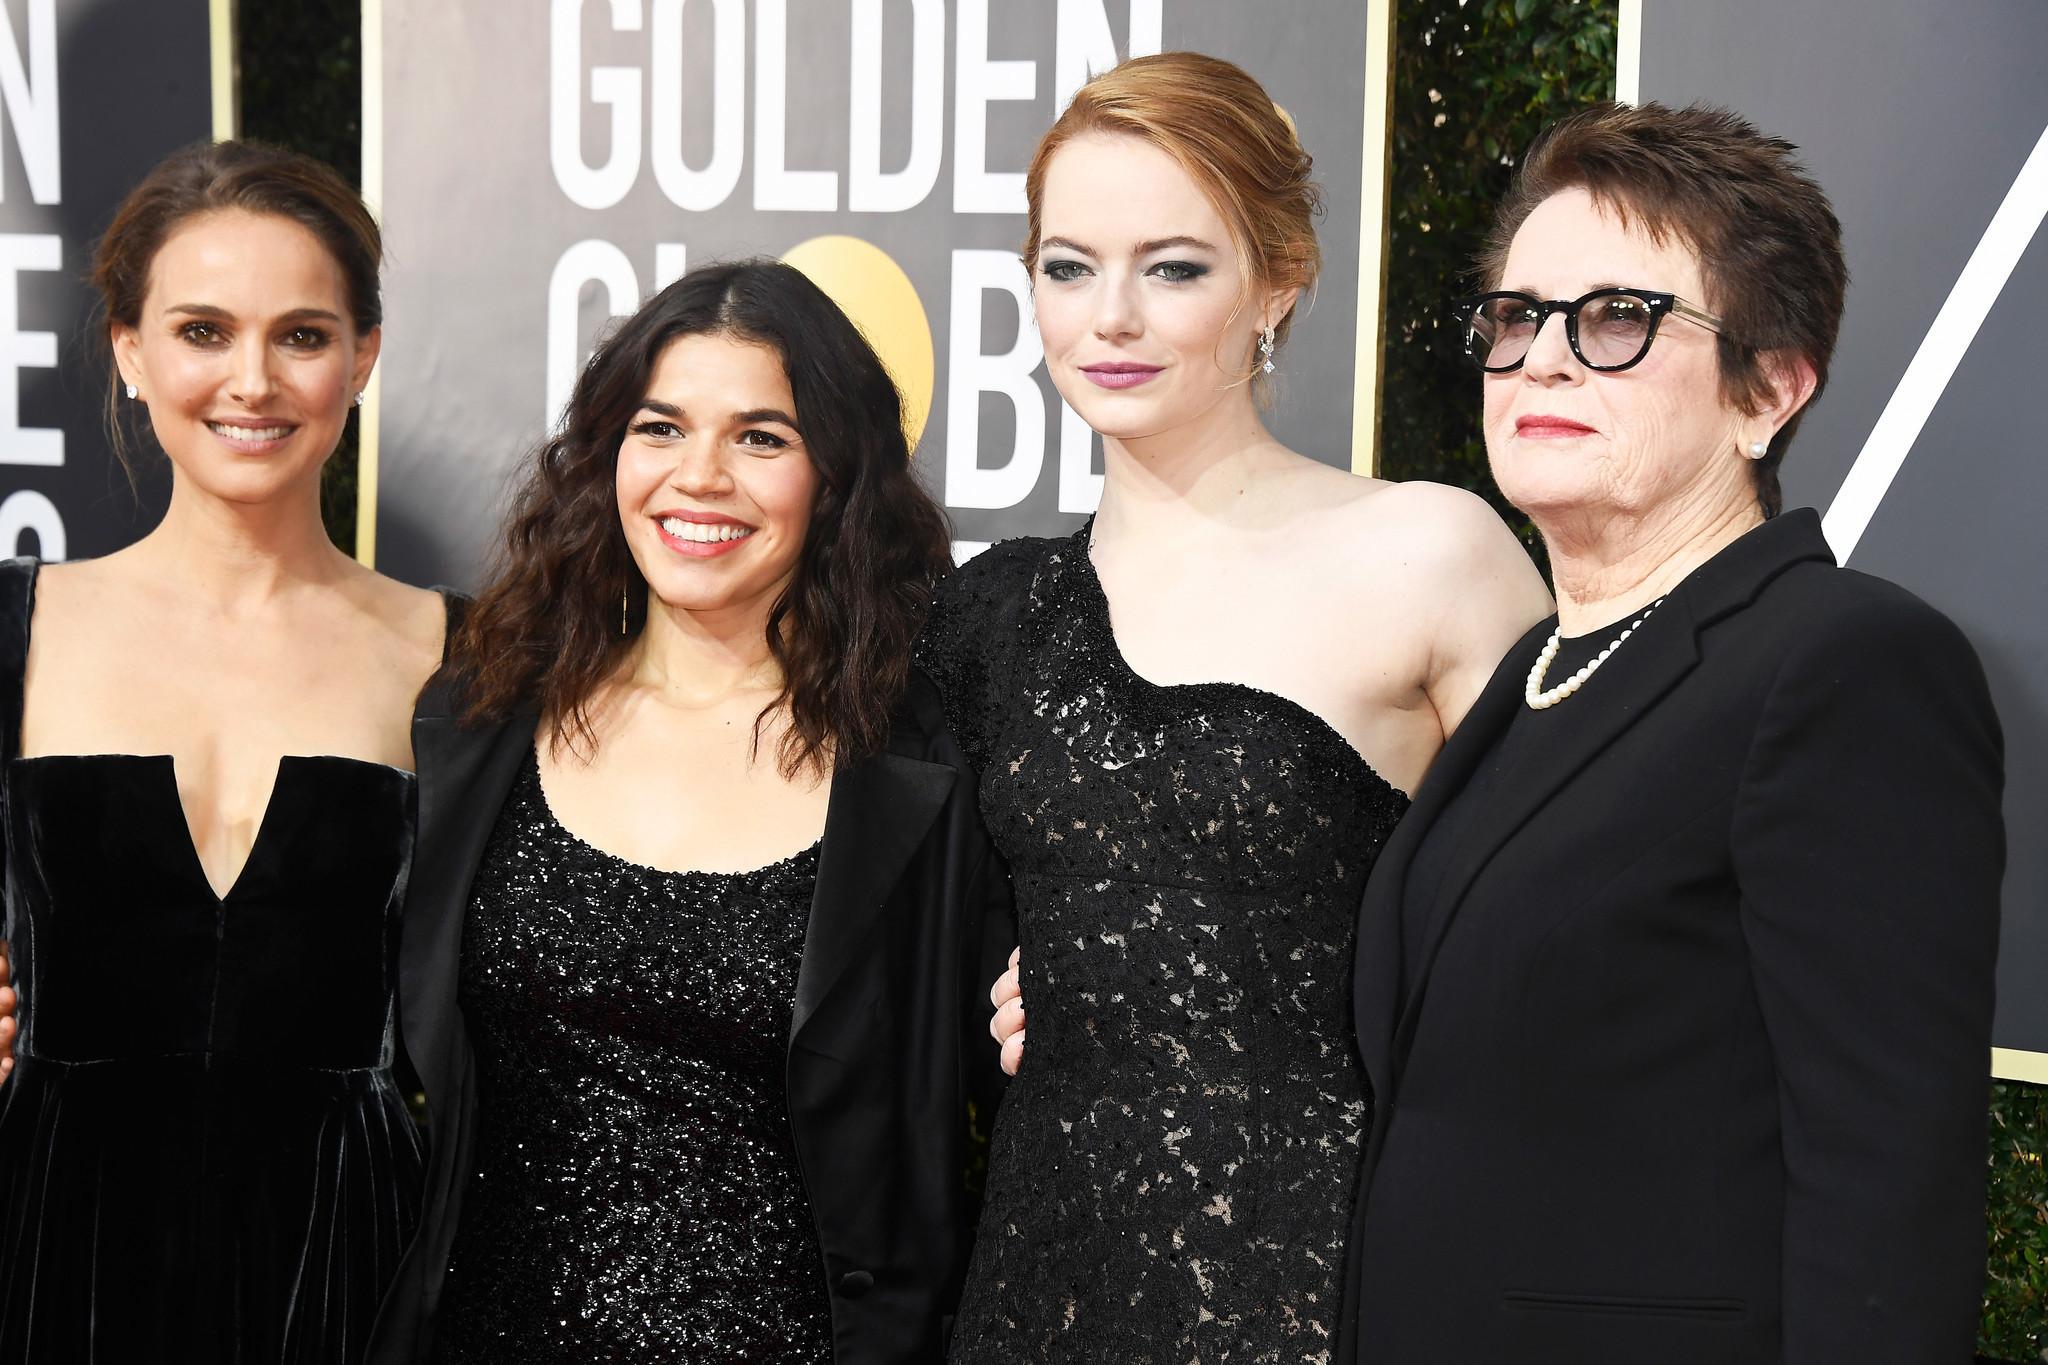 la-et-golden-globes-2018-red-carpet-fashion-arrivals-photos-pg